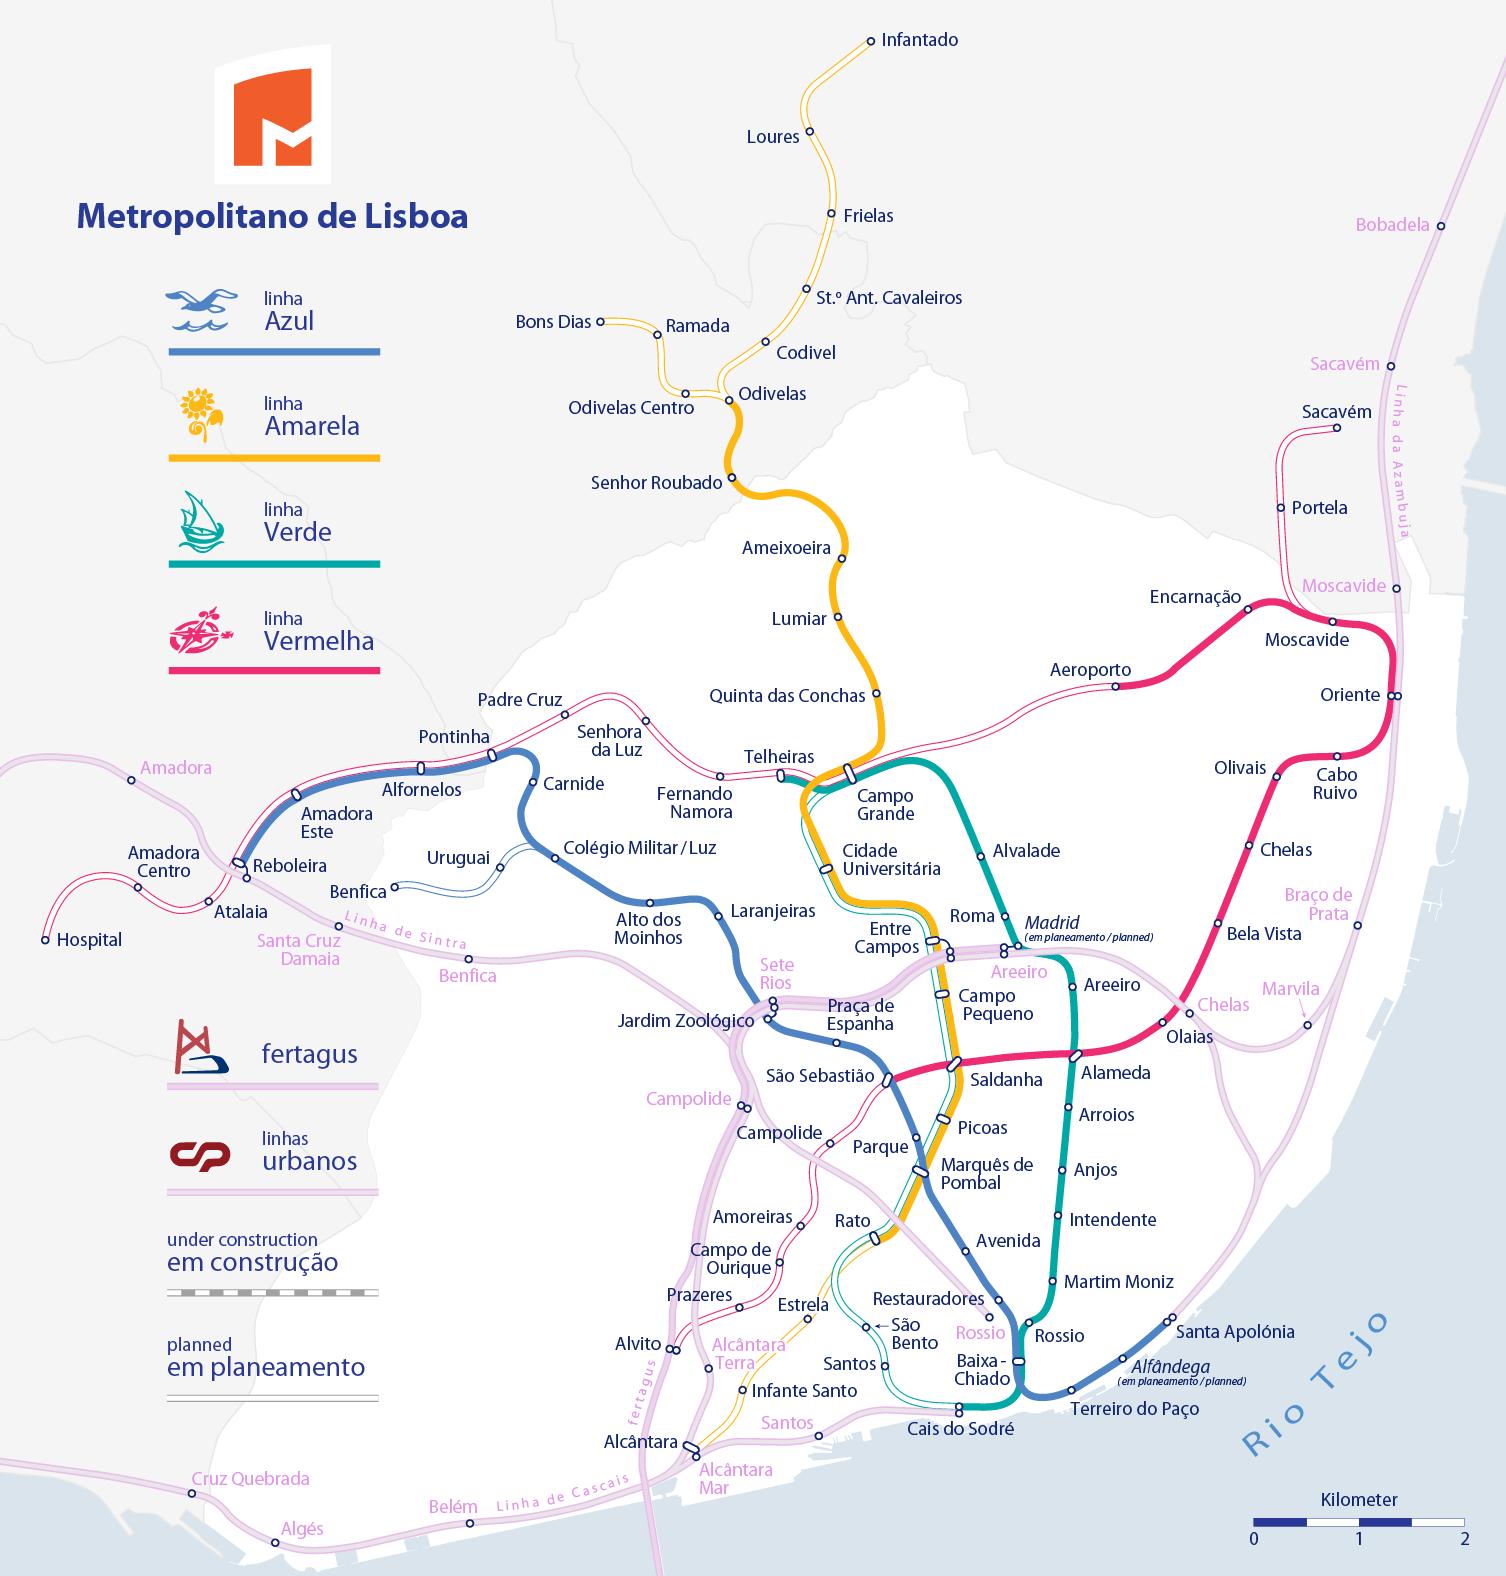 santa apolonia mapa Lisbon Metro   SEP   Lisbon, Portugal (Universidade Nova de Lisboa) santa apolonia mapa